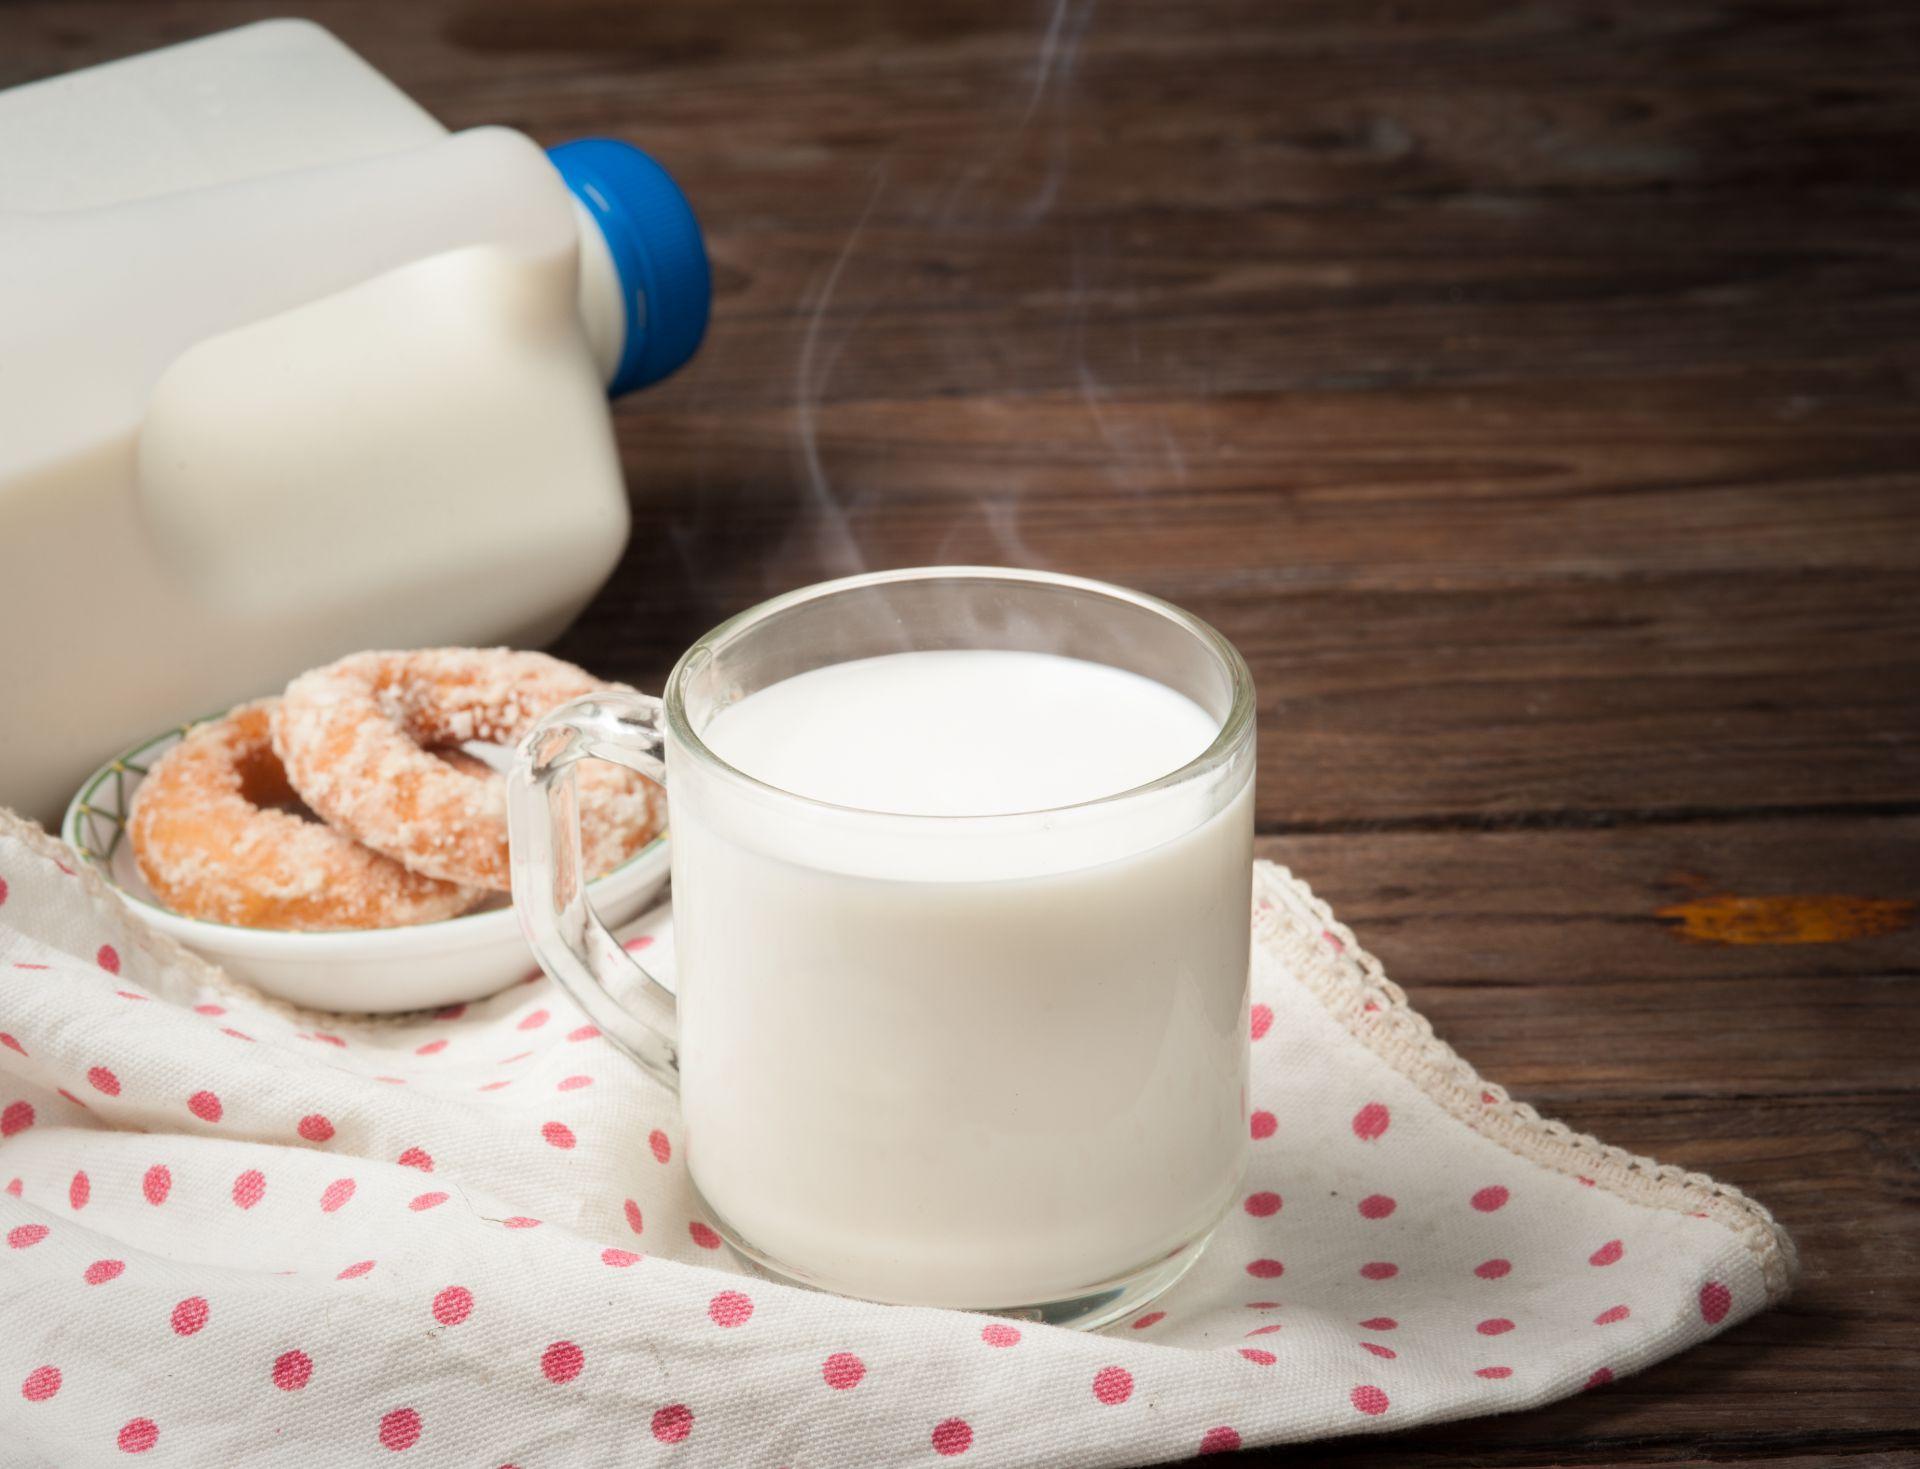 Bolehkah Memanaskan Susu Sampai Mendidih?